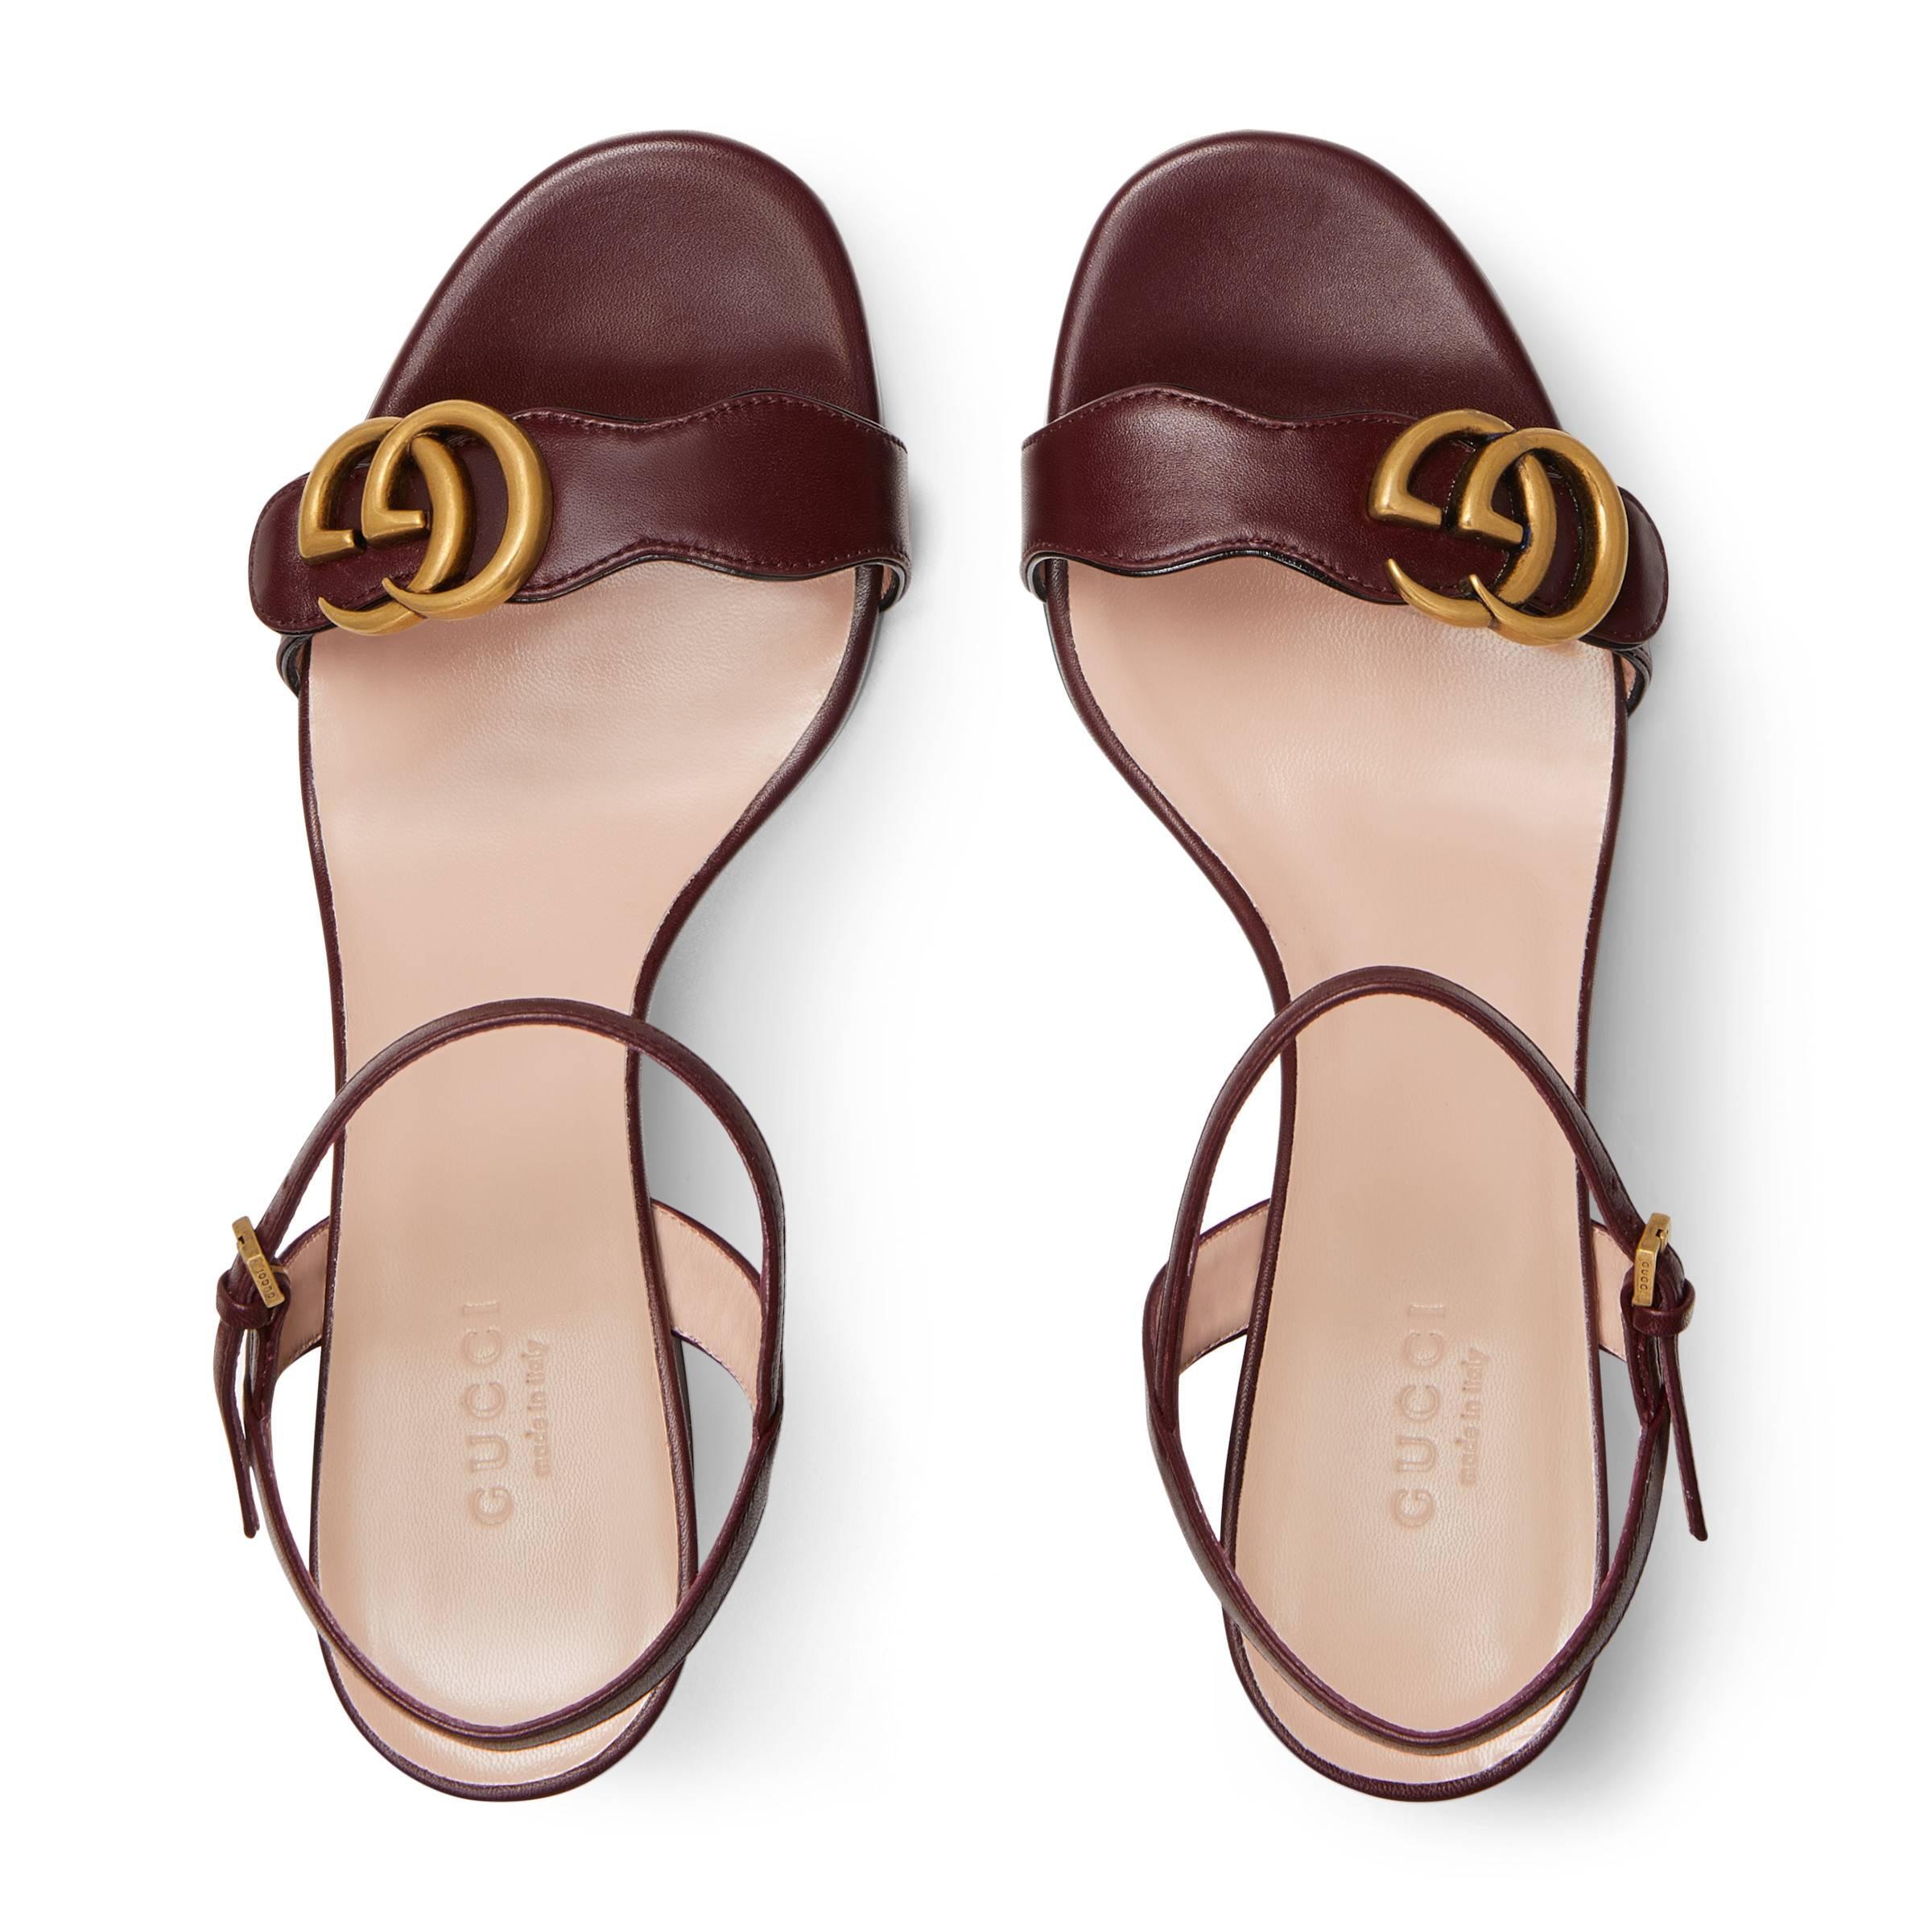 Gucci - Multicolor Sandalia Piel de Tacón Medio con Doble G - Lyst. Ver en  pantalla completa 1c627bc0b7d